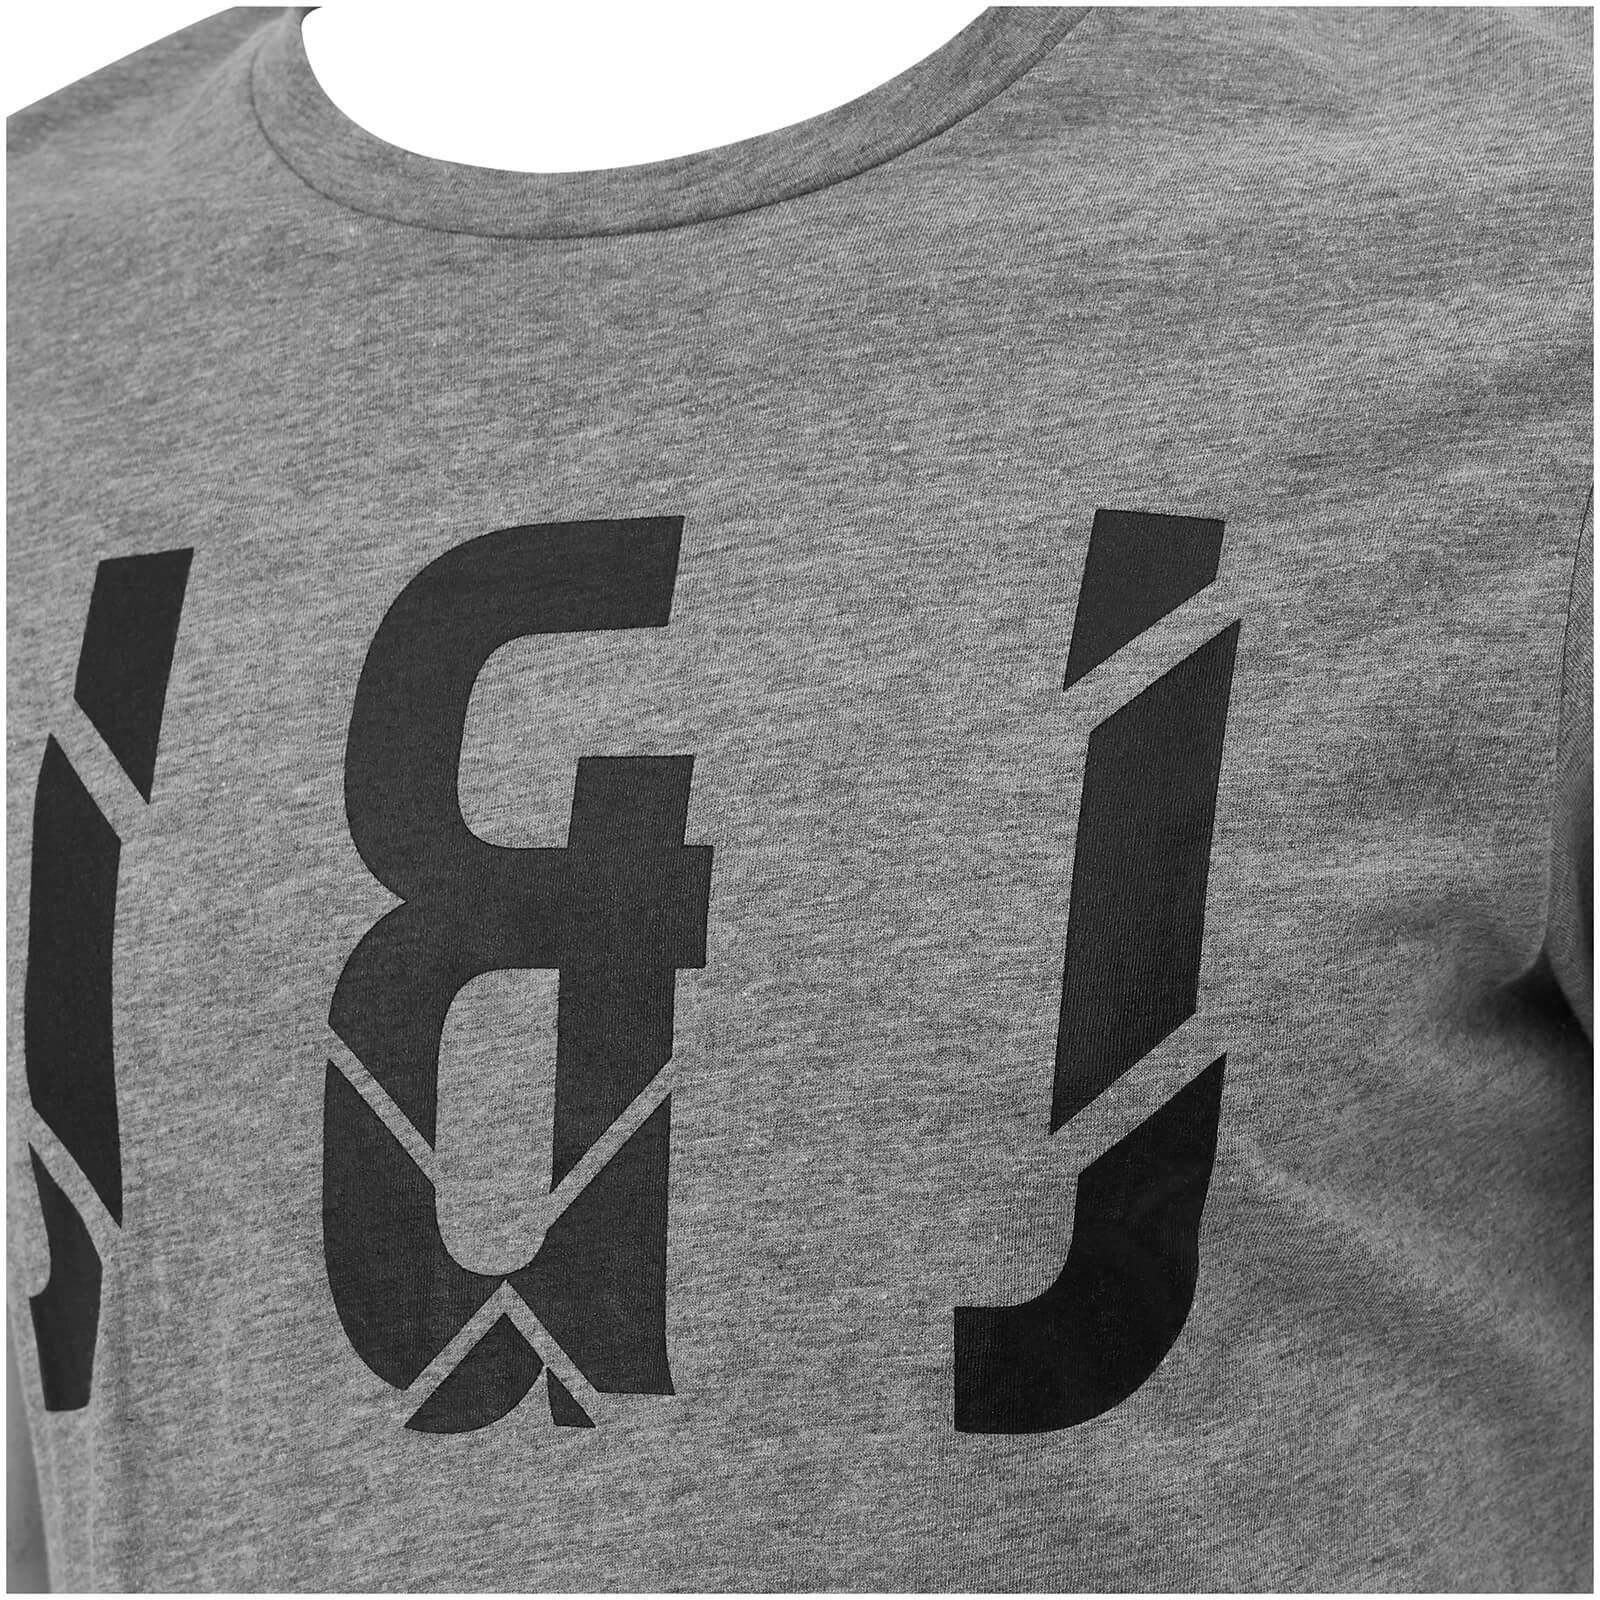 Jack & Jones Cotton Core Pixel T-shirt in Grey (Grey) for Men